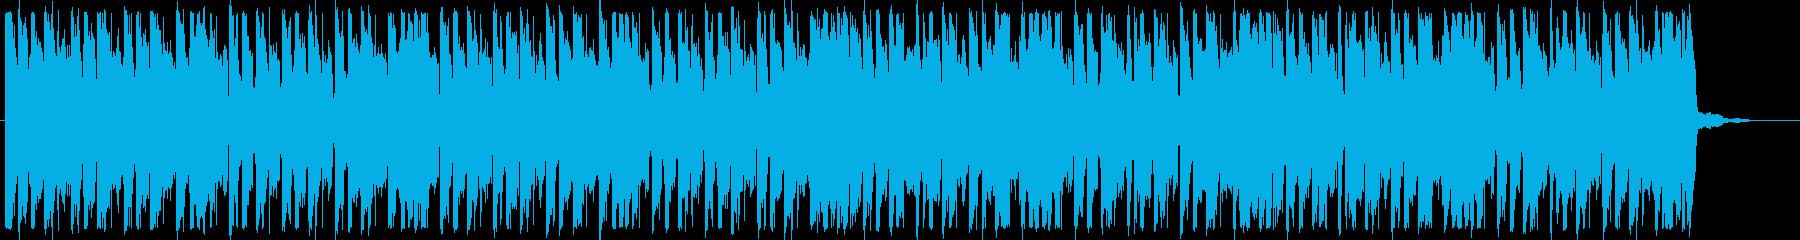 疾走感のあるディスコ_No582_5の再生済みの波形